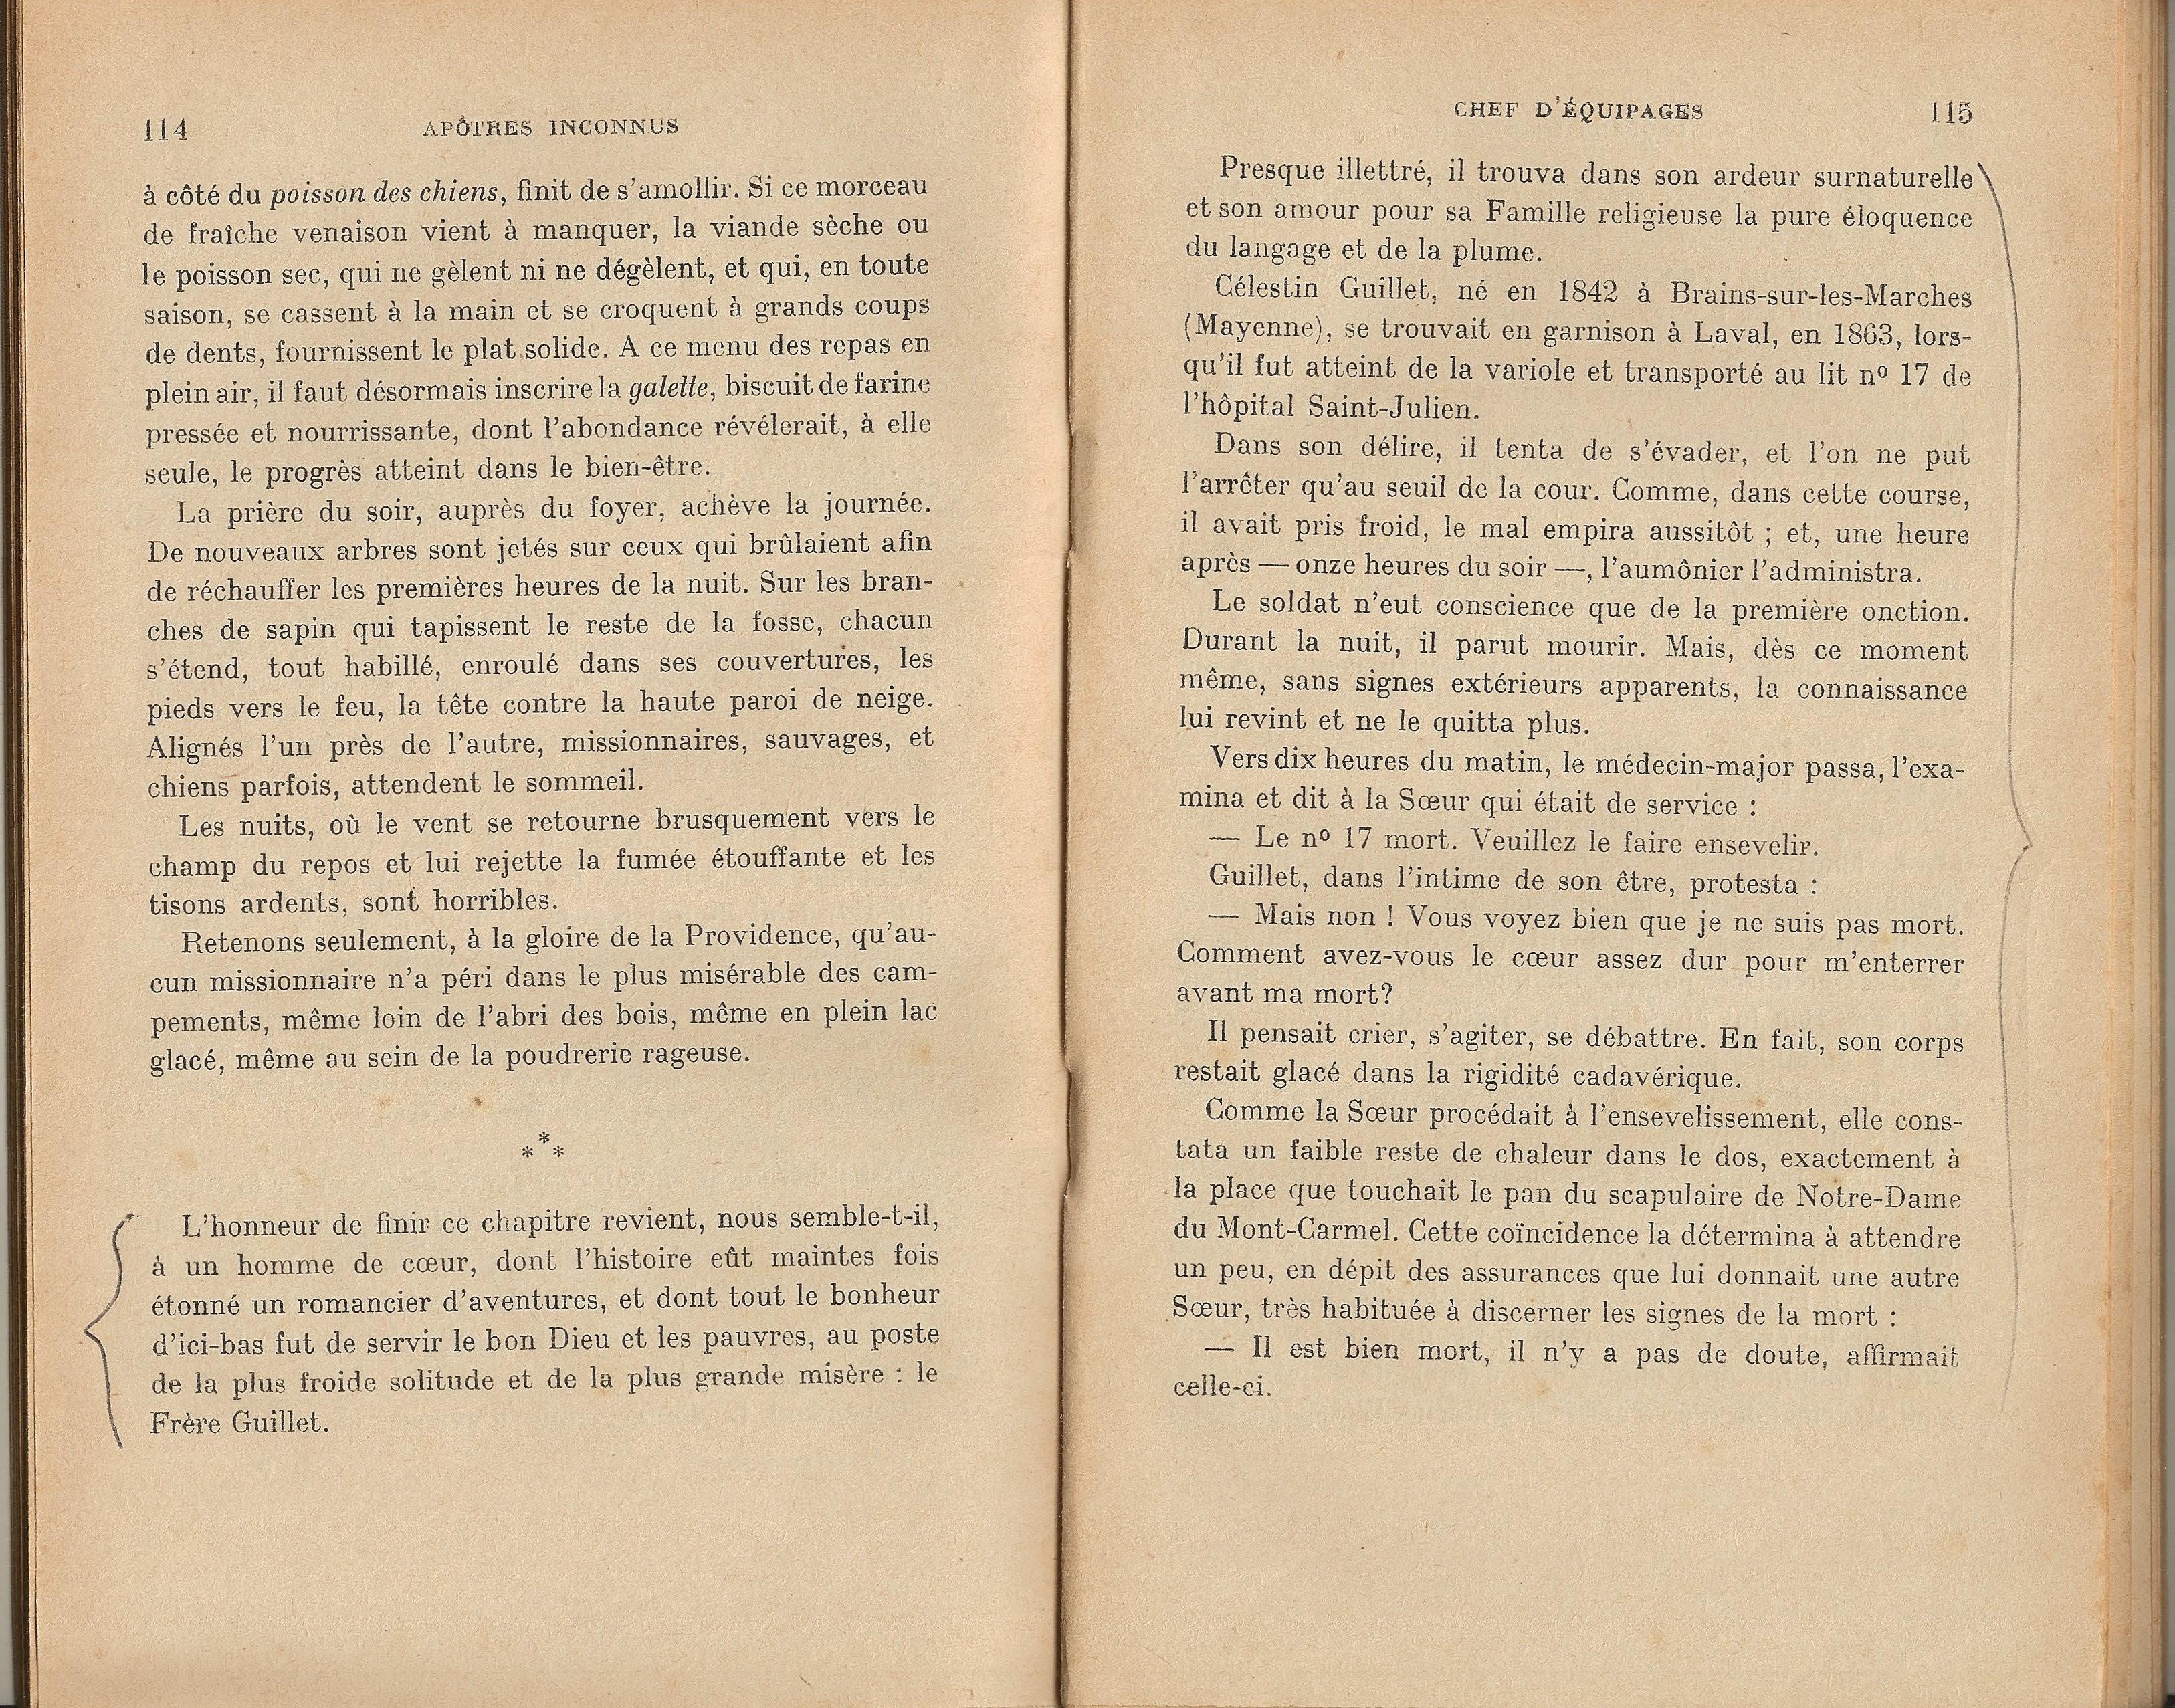 Paroles de Vie - Page 8 Ap-tres-inconnus-...ncs---2--5626d7f